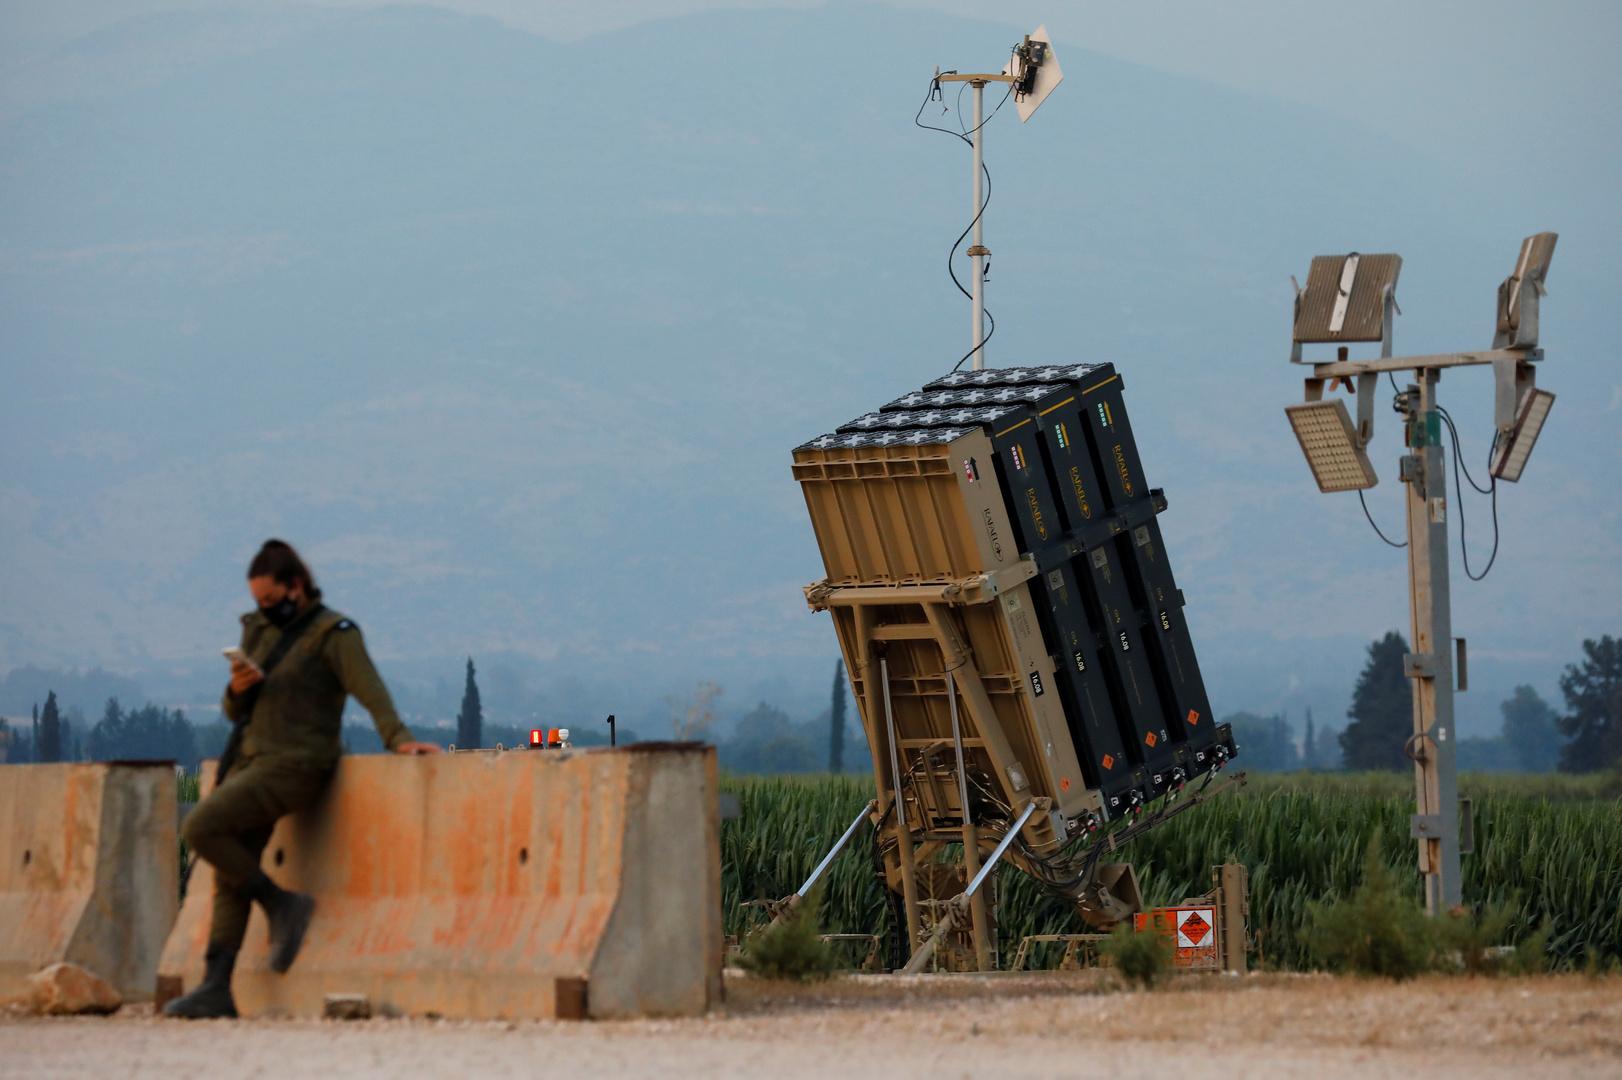 النواب الأمريكي يصادق على مساعدات عسكرية لإسرائيل بنصف مليار دولار